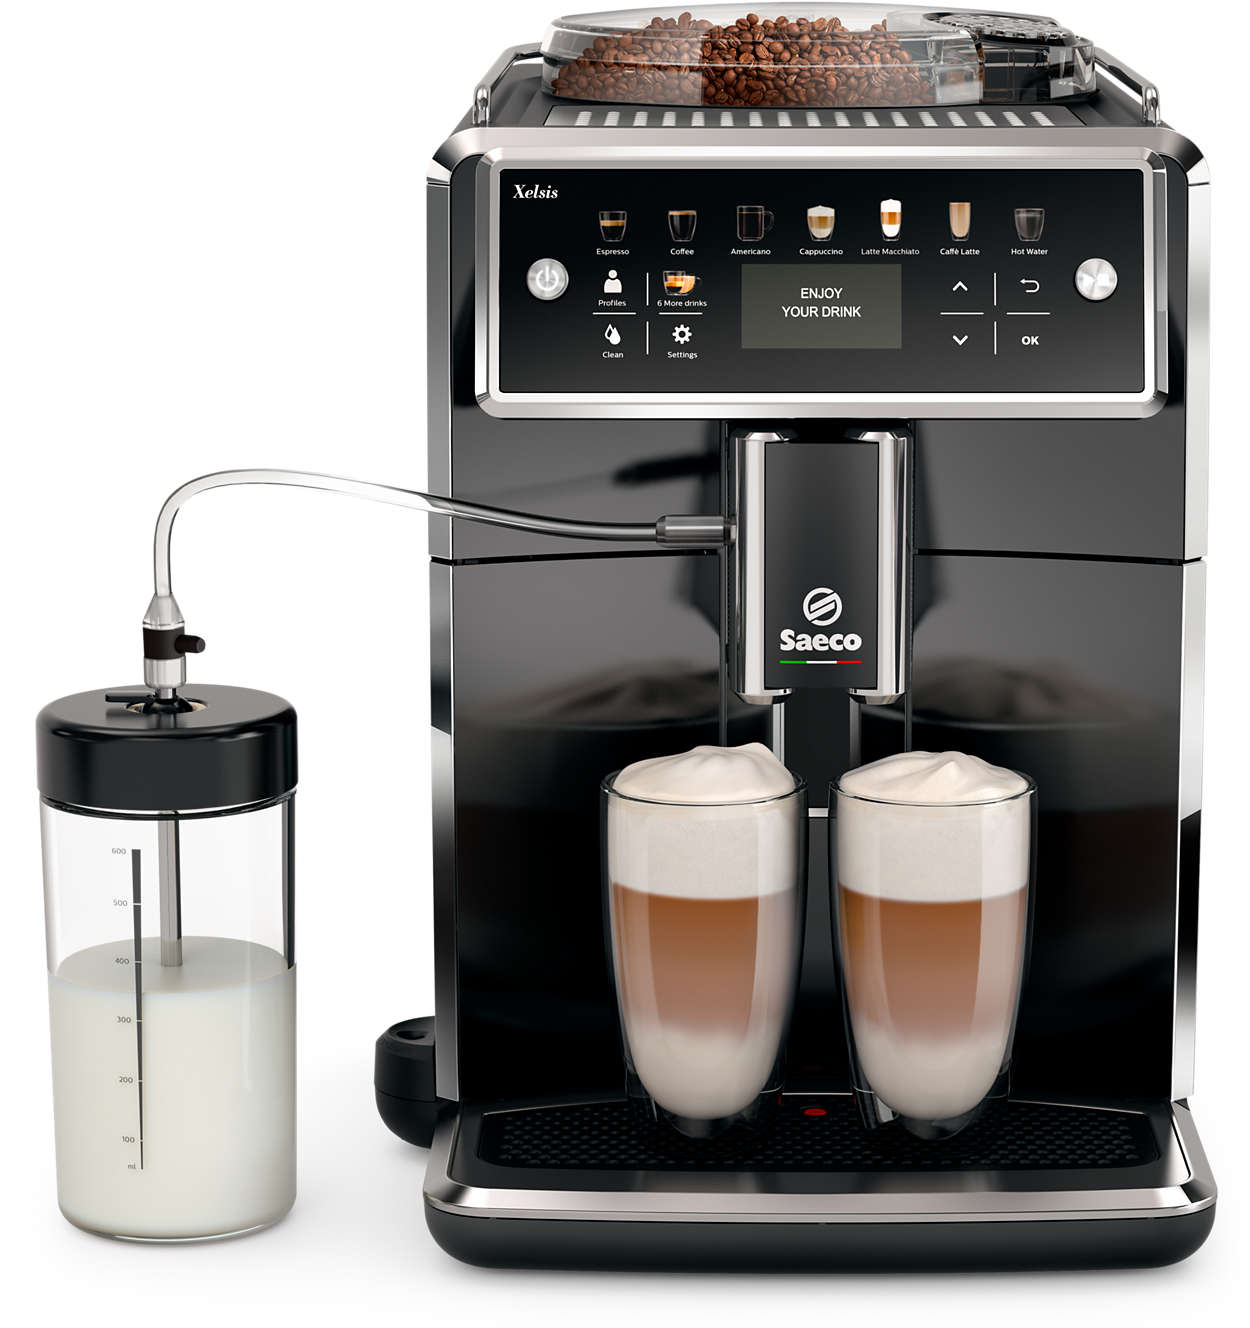 Cafea rafinată, adaptată uşor gusturilor tale